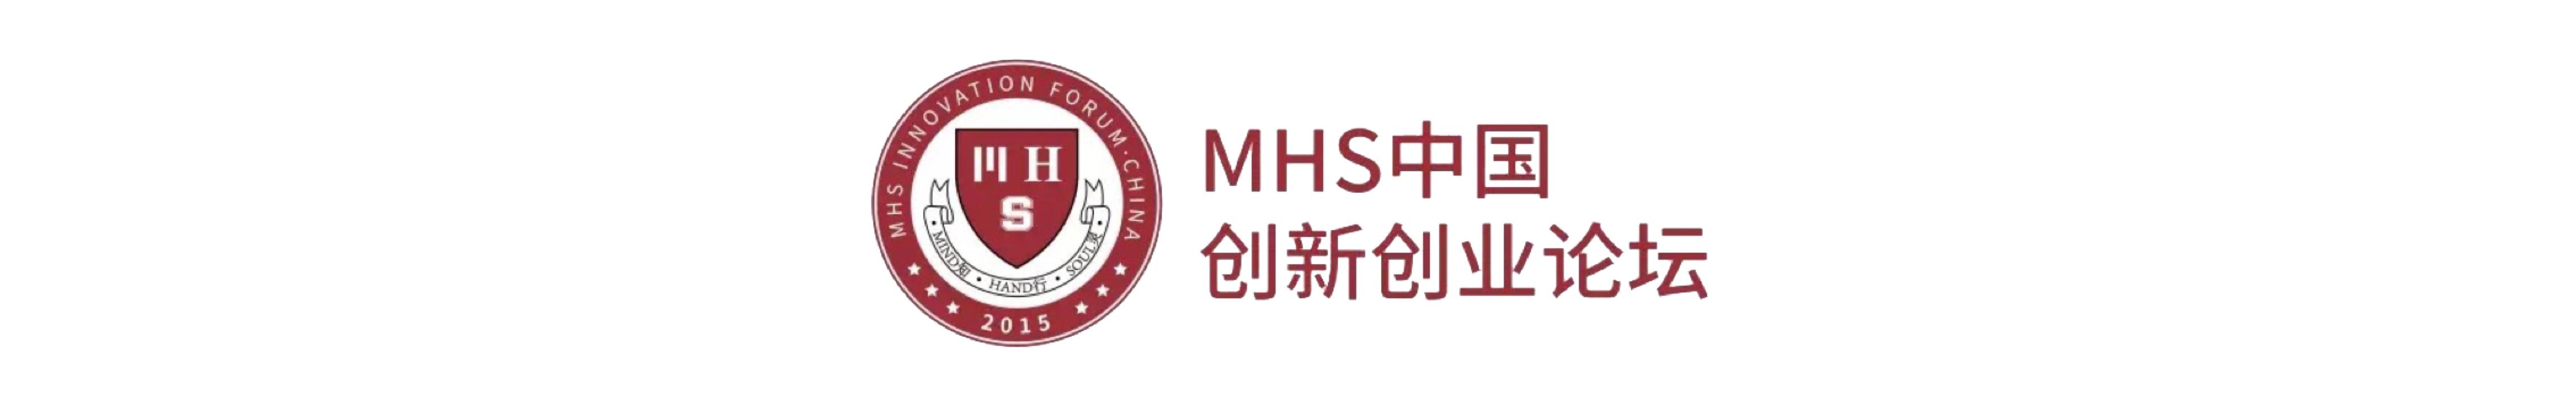 中国科学院大学logo矢量图